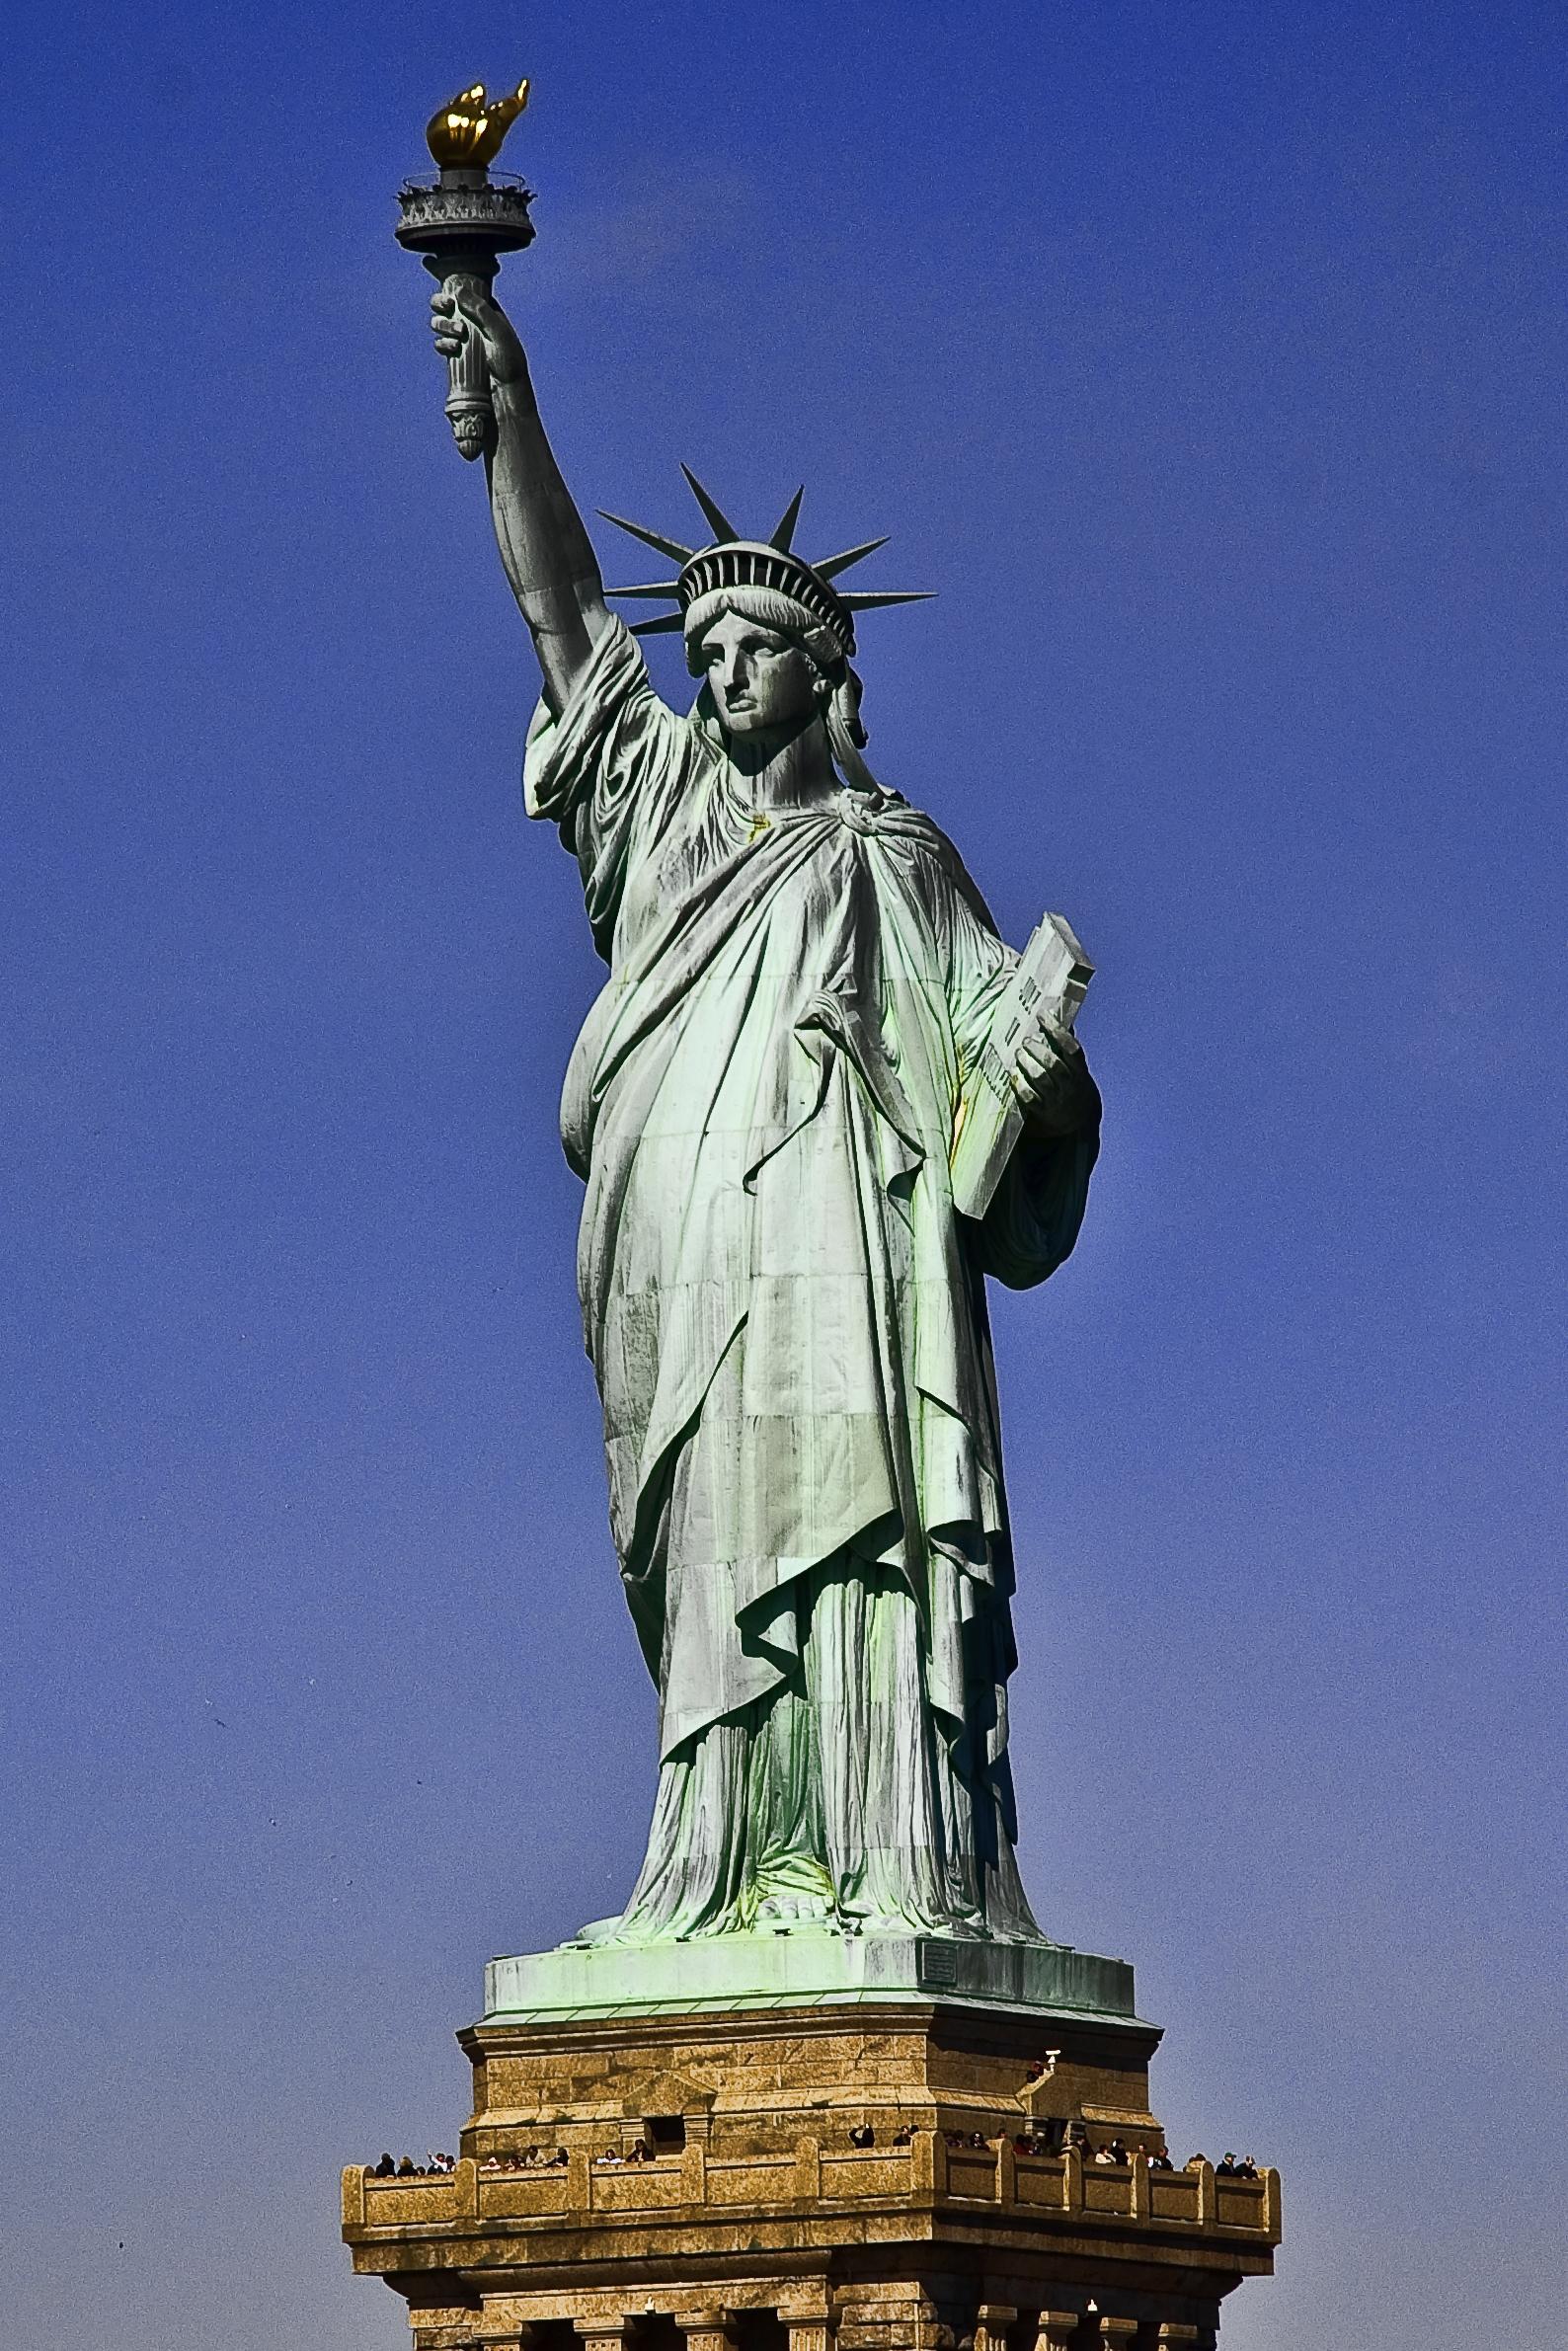 Vrijheidsbeeld is modernere versie van Isis. De fakkel verwijst naar Lucifer, de drager van het licht.